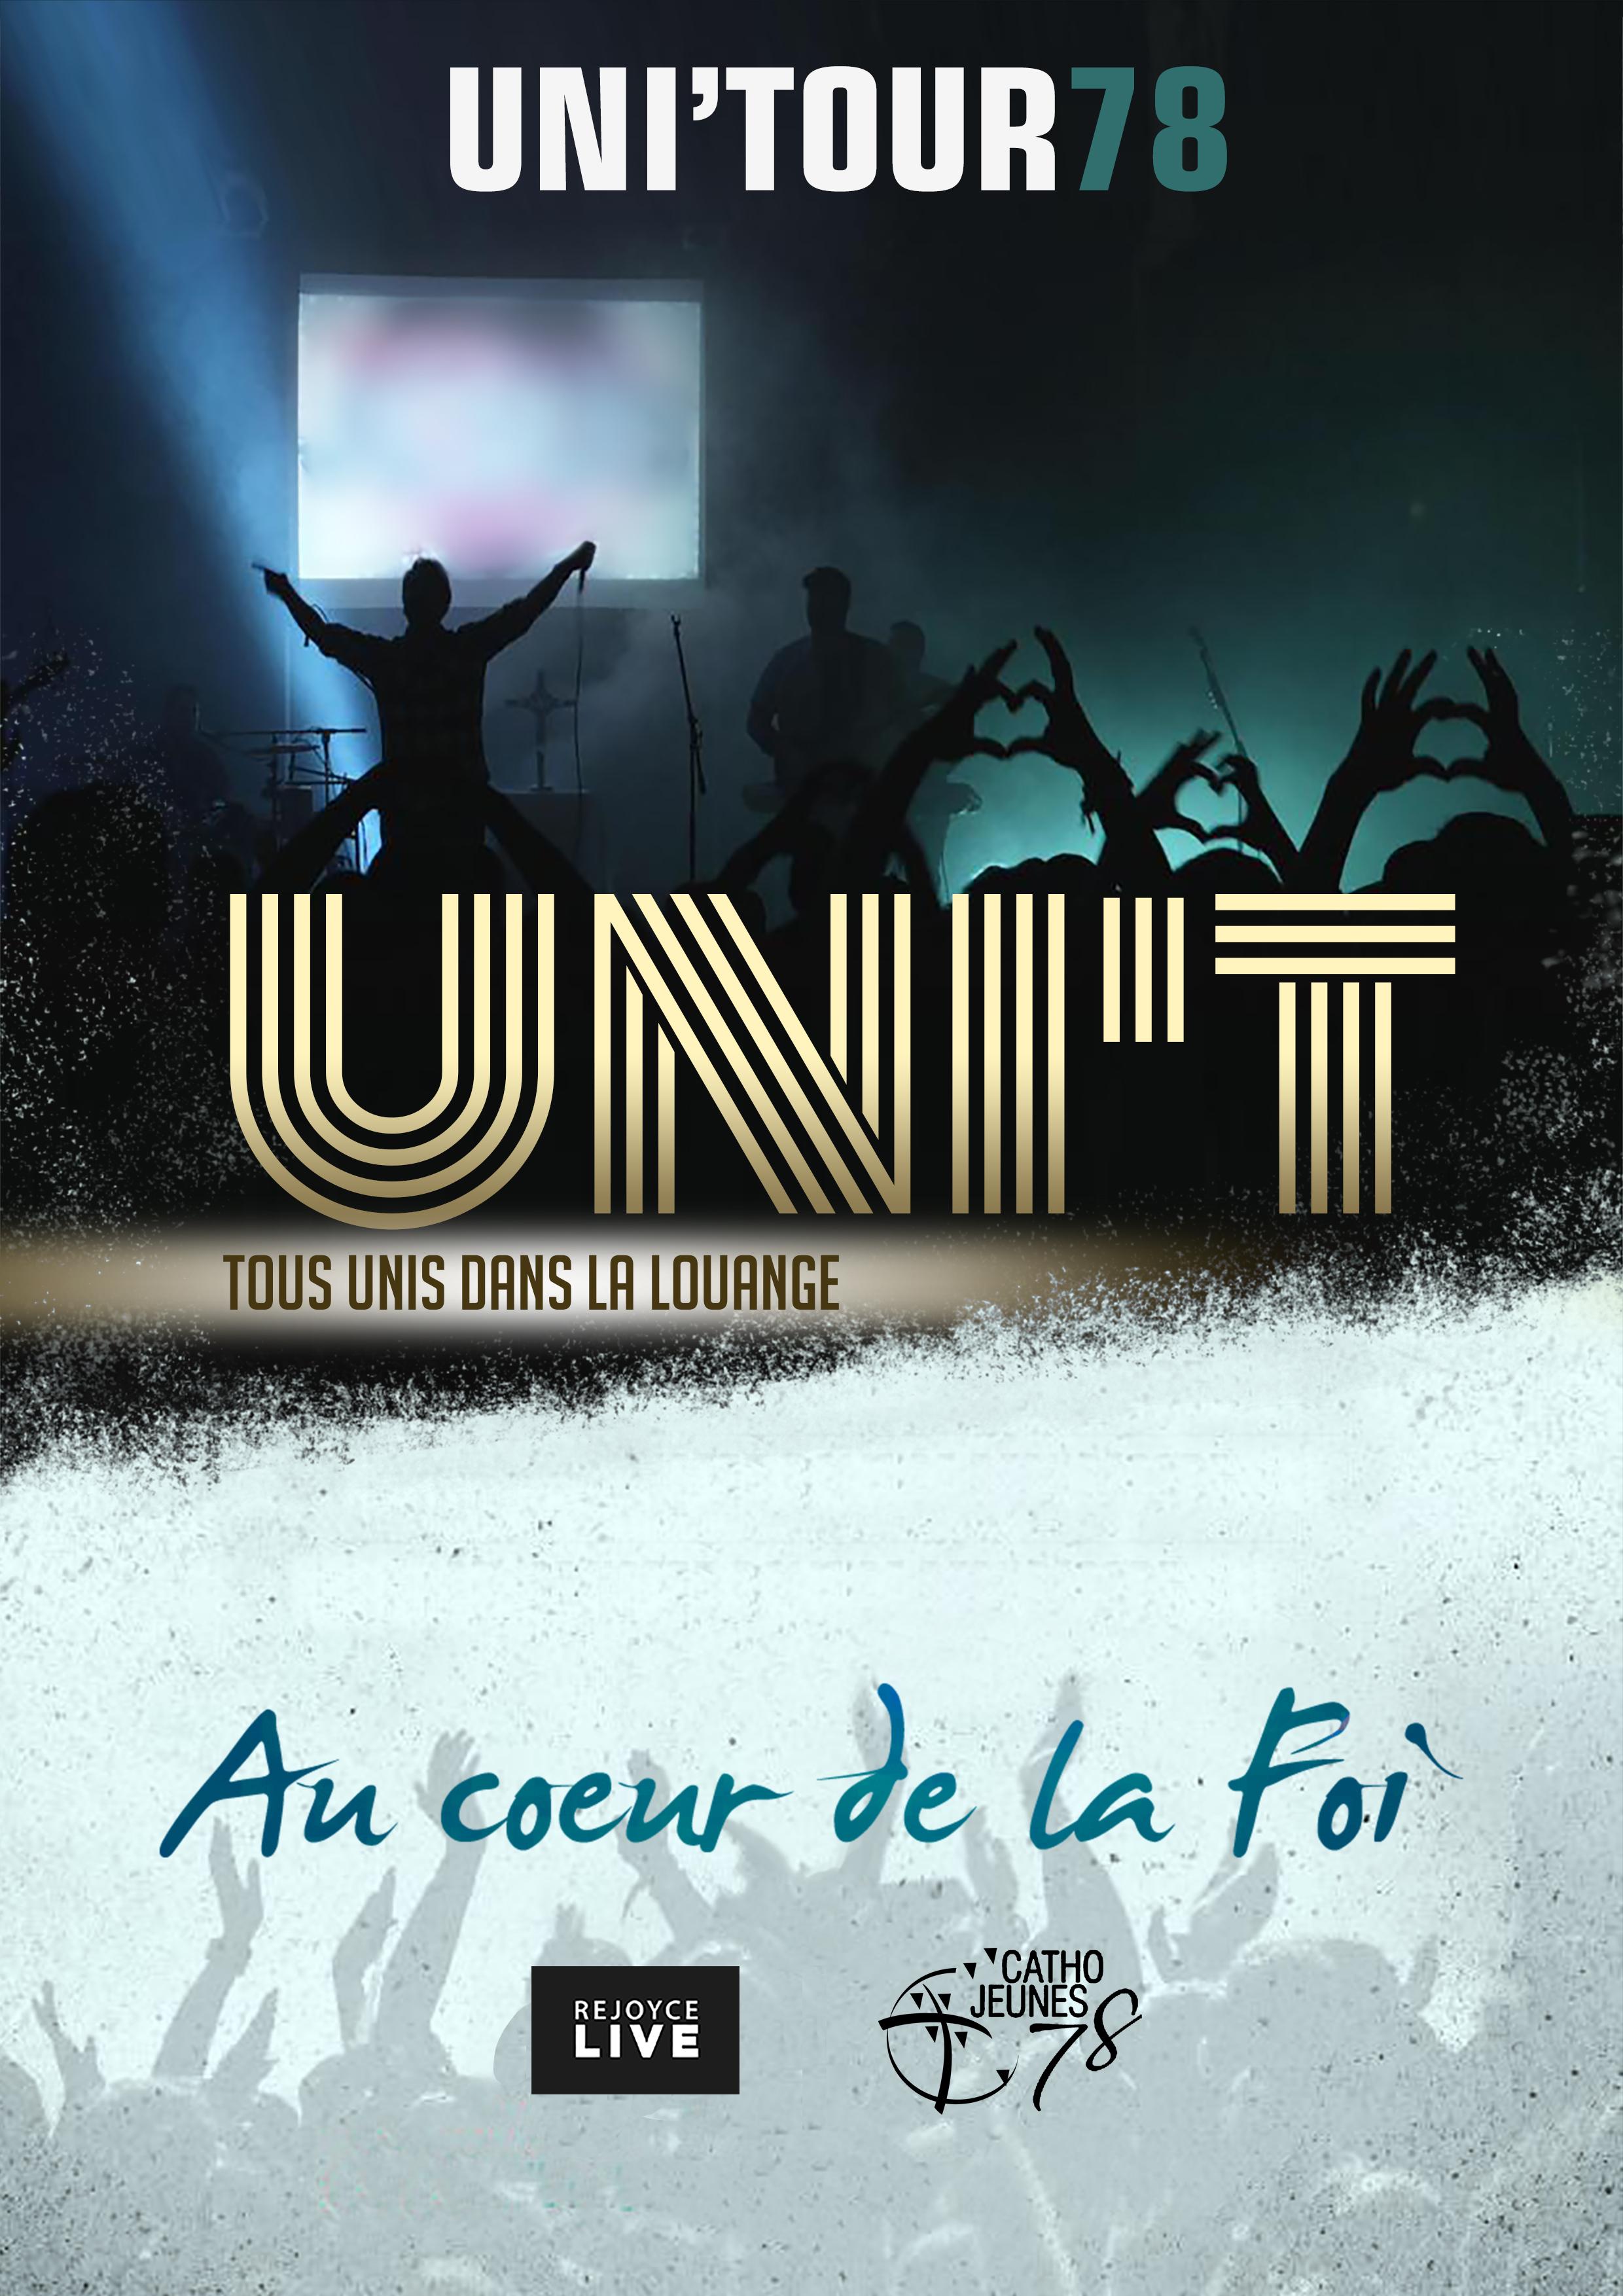 UNI'TOUR 78